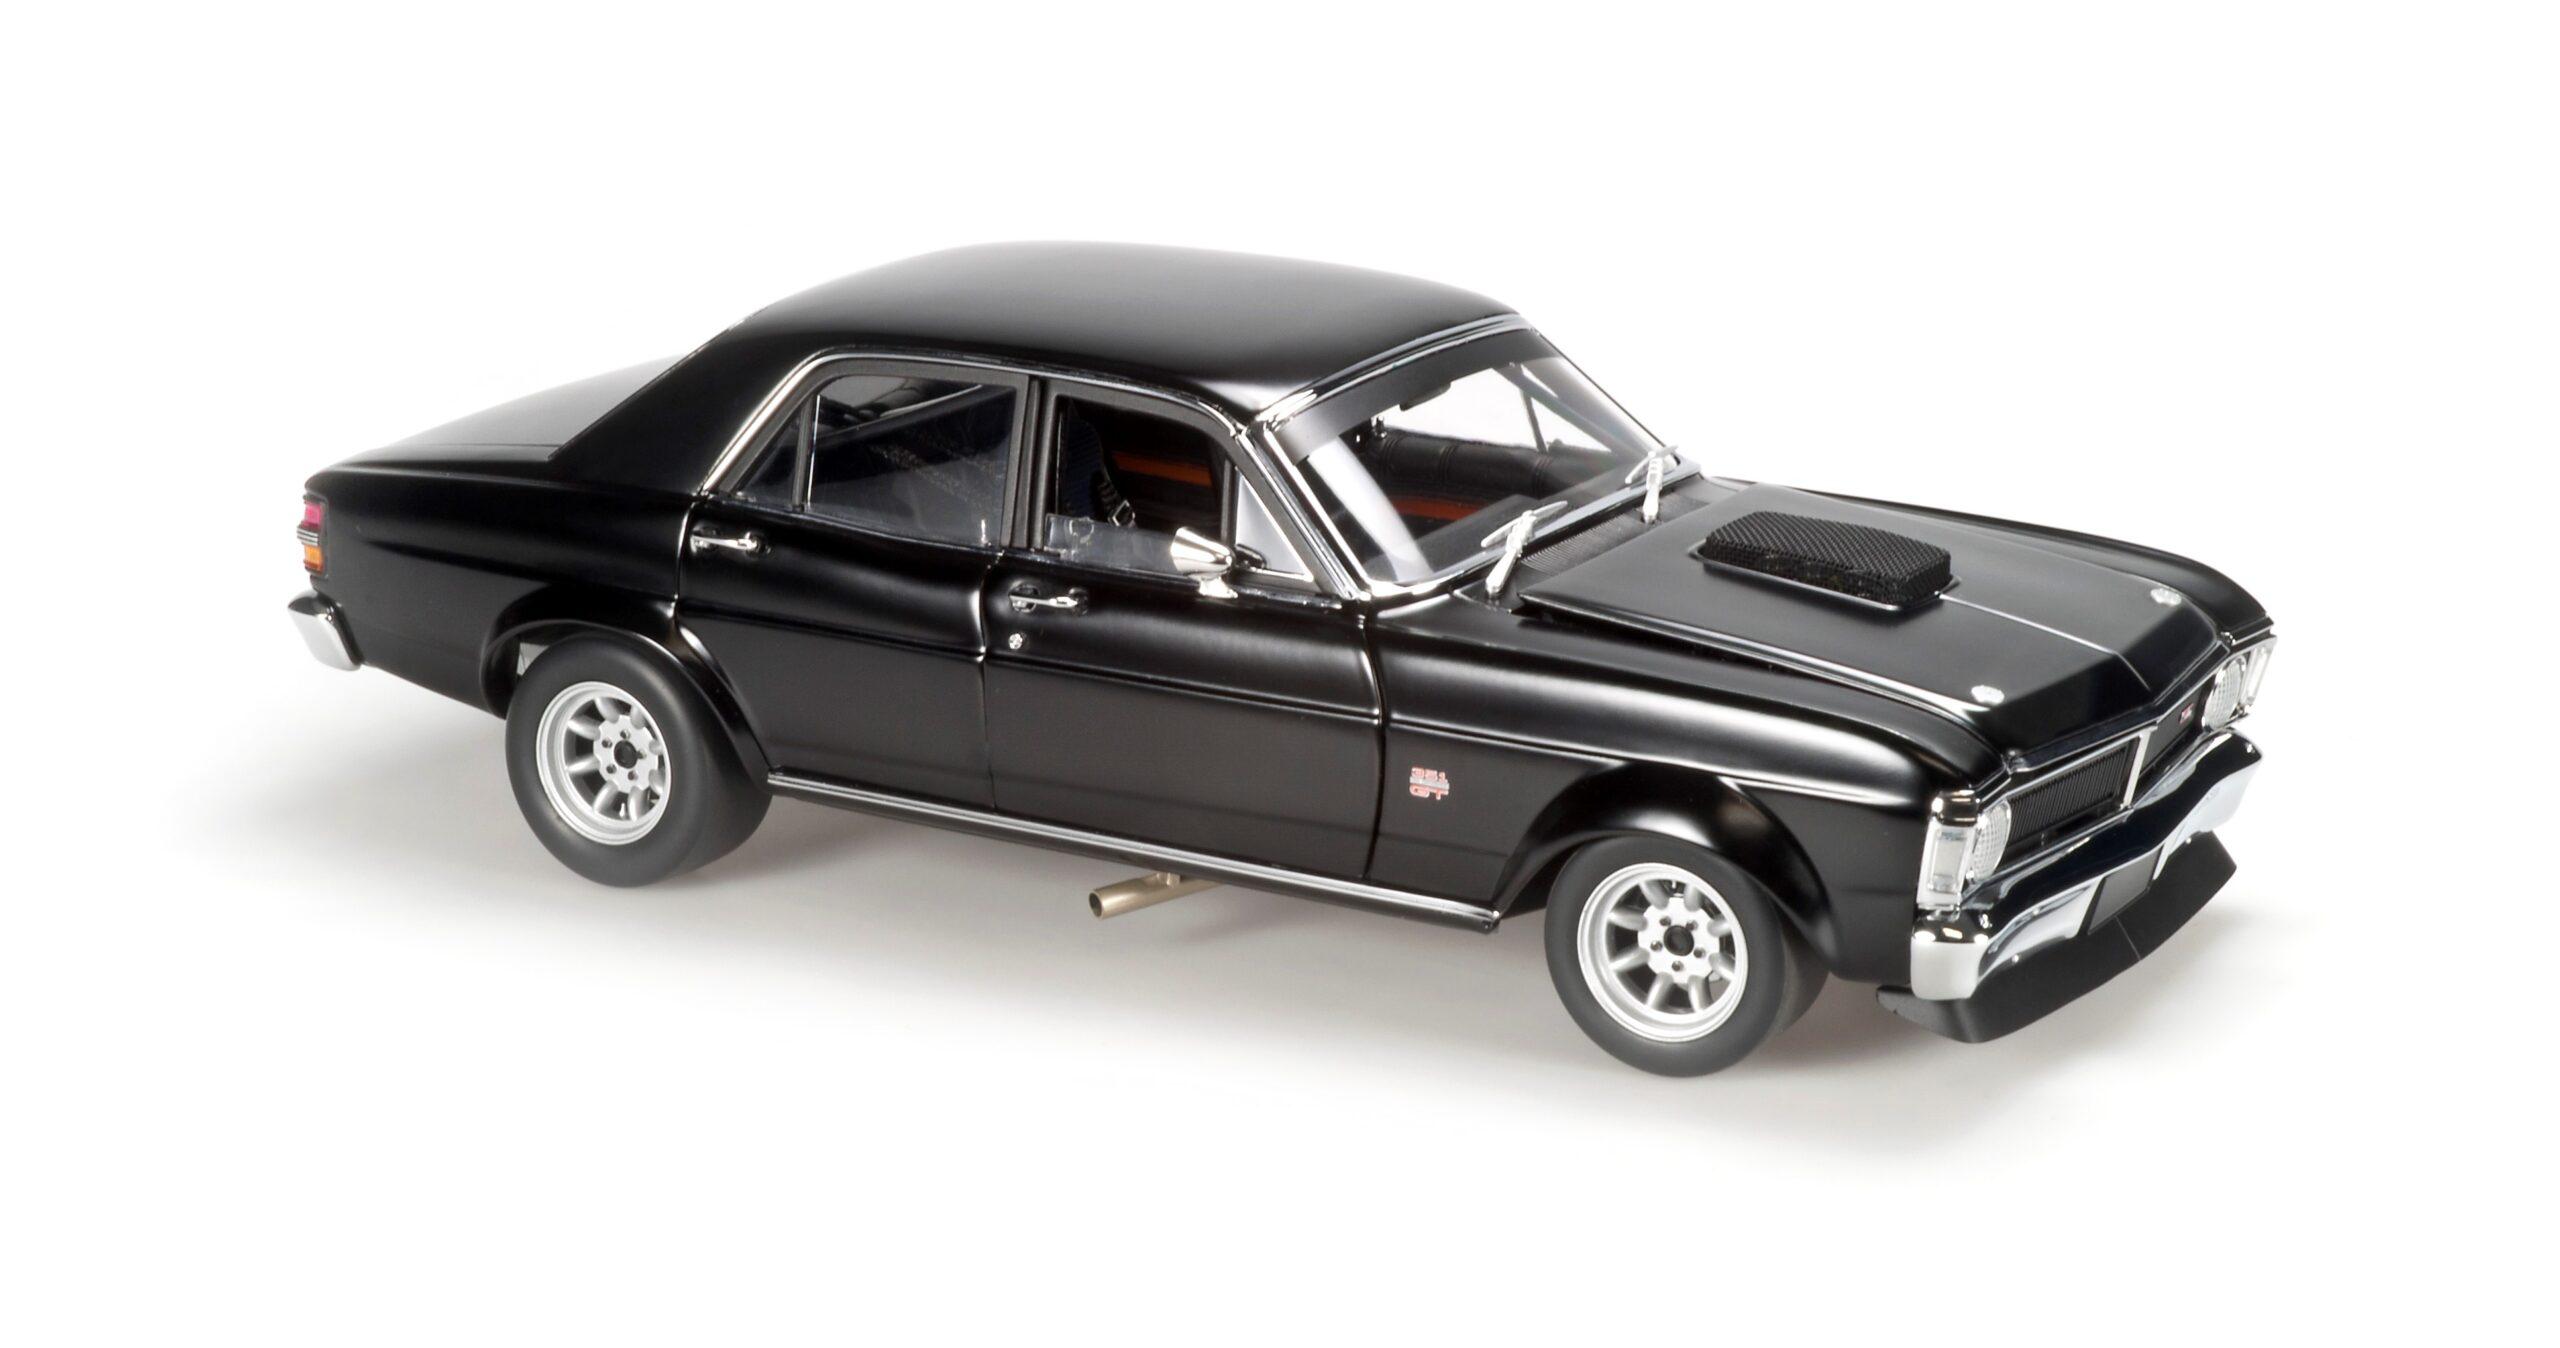 Ford Falcon XY GTHO Super Falcon, Satin black